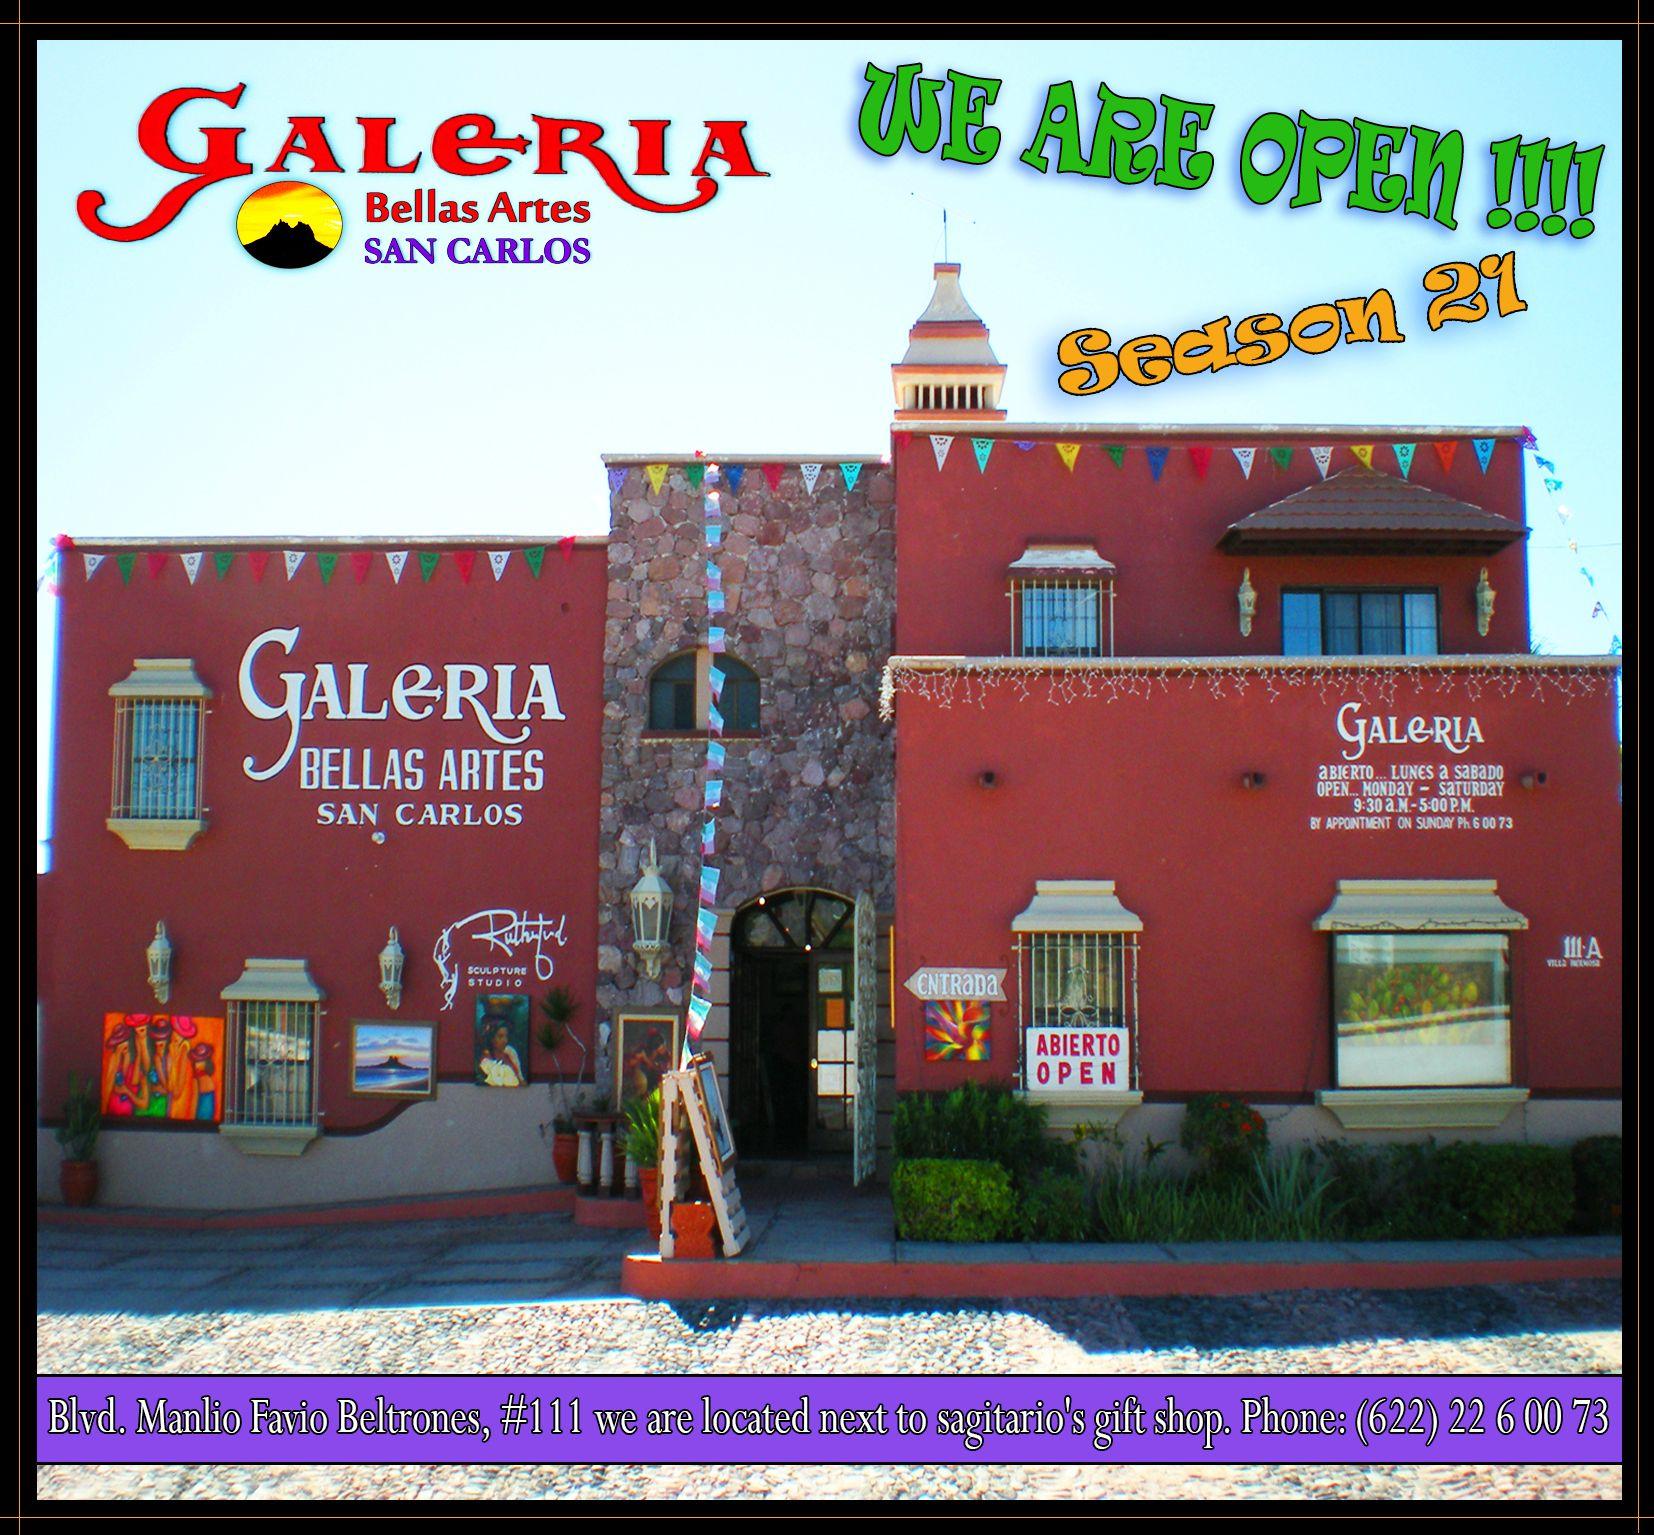 Galeria bellas artes san carlos for Sanborns bellas artes